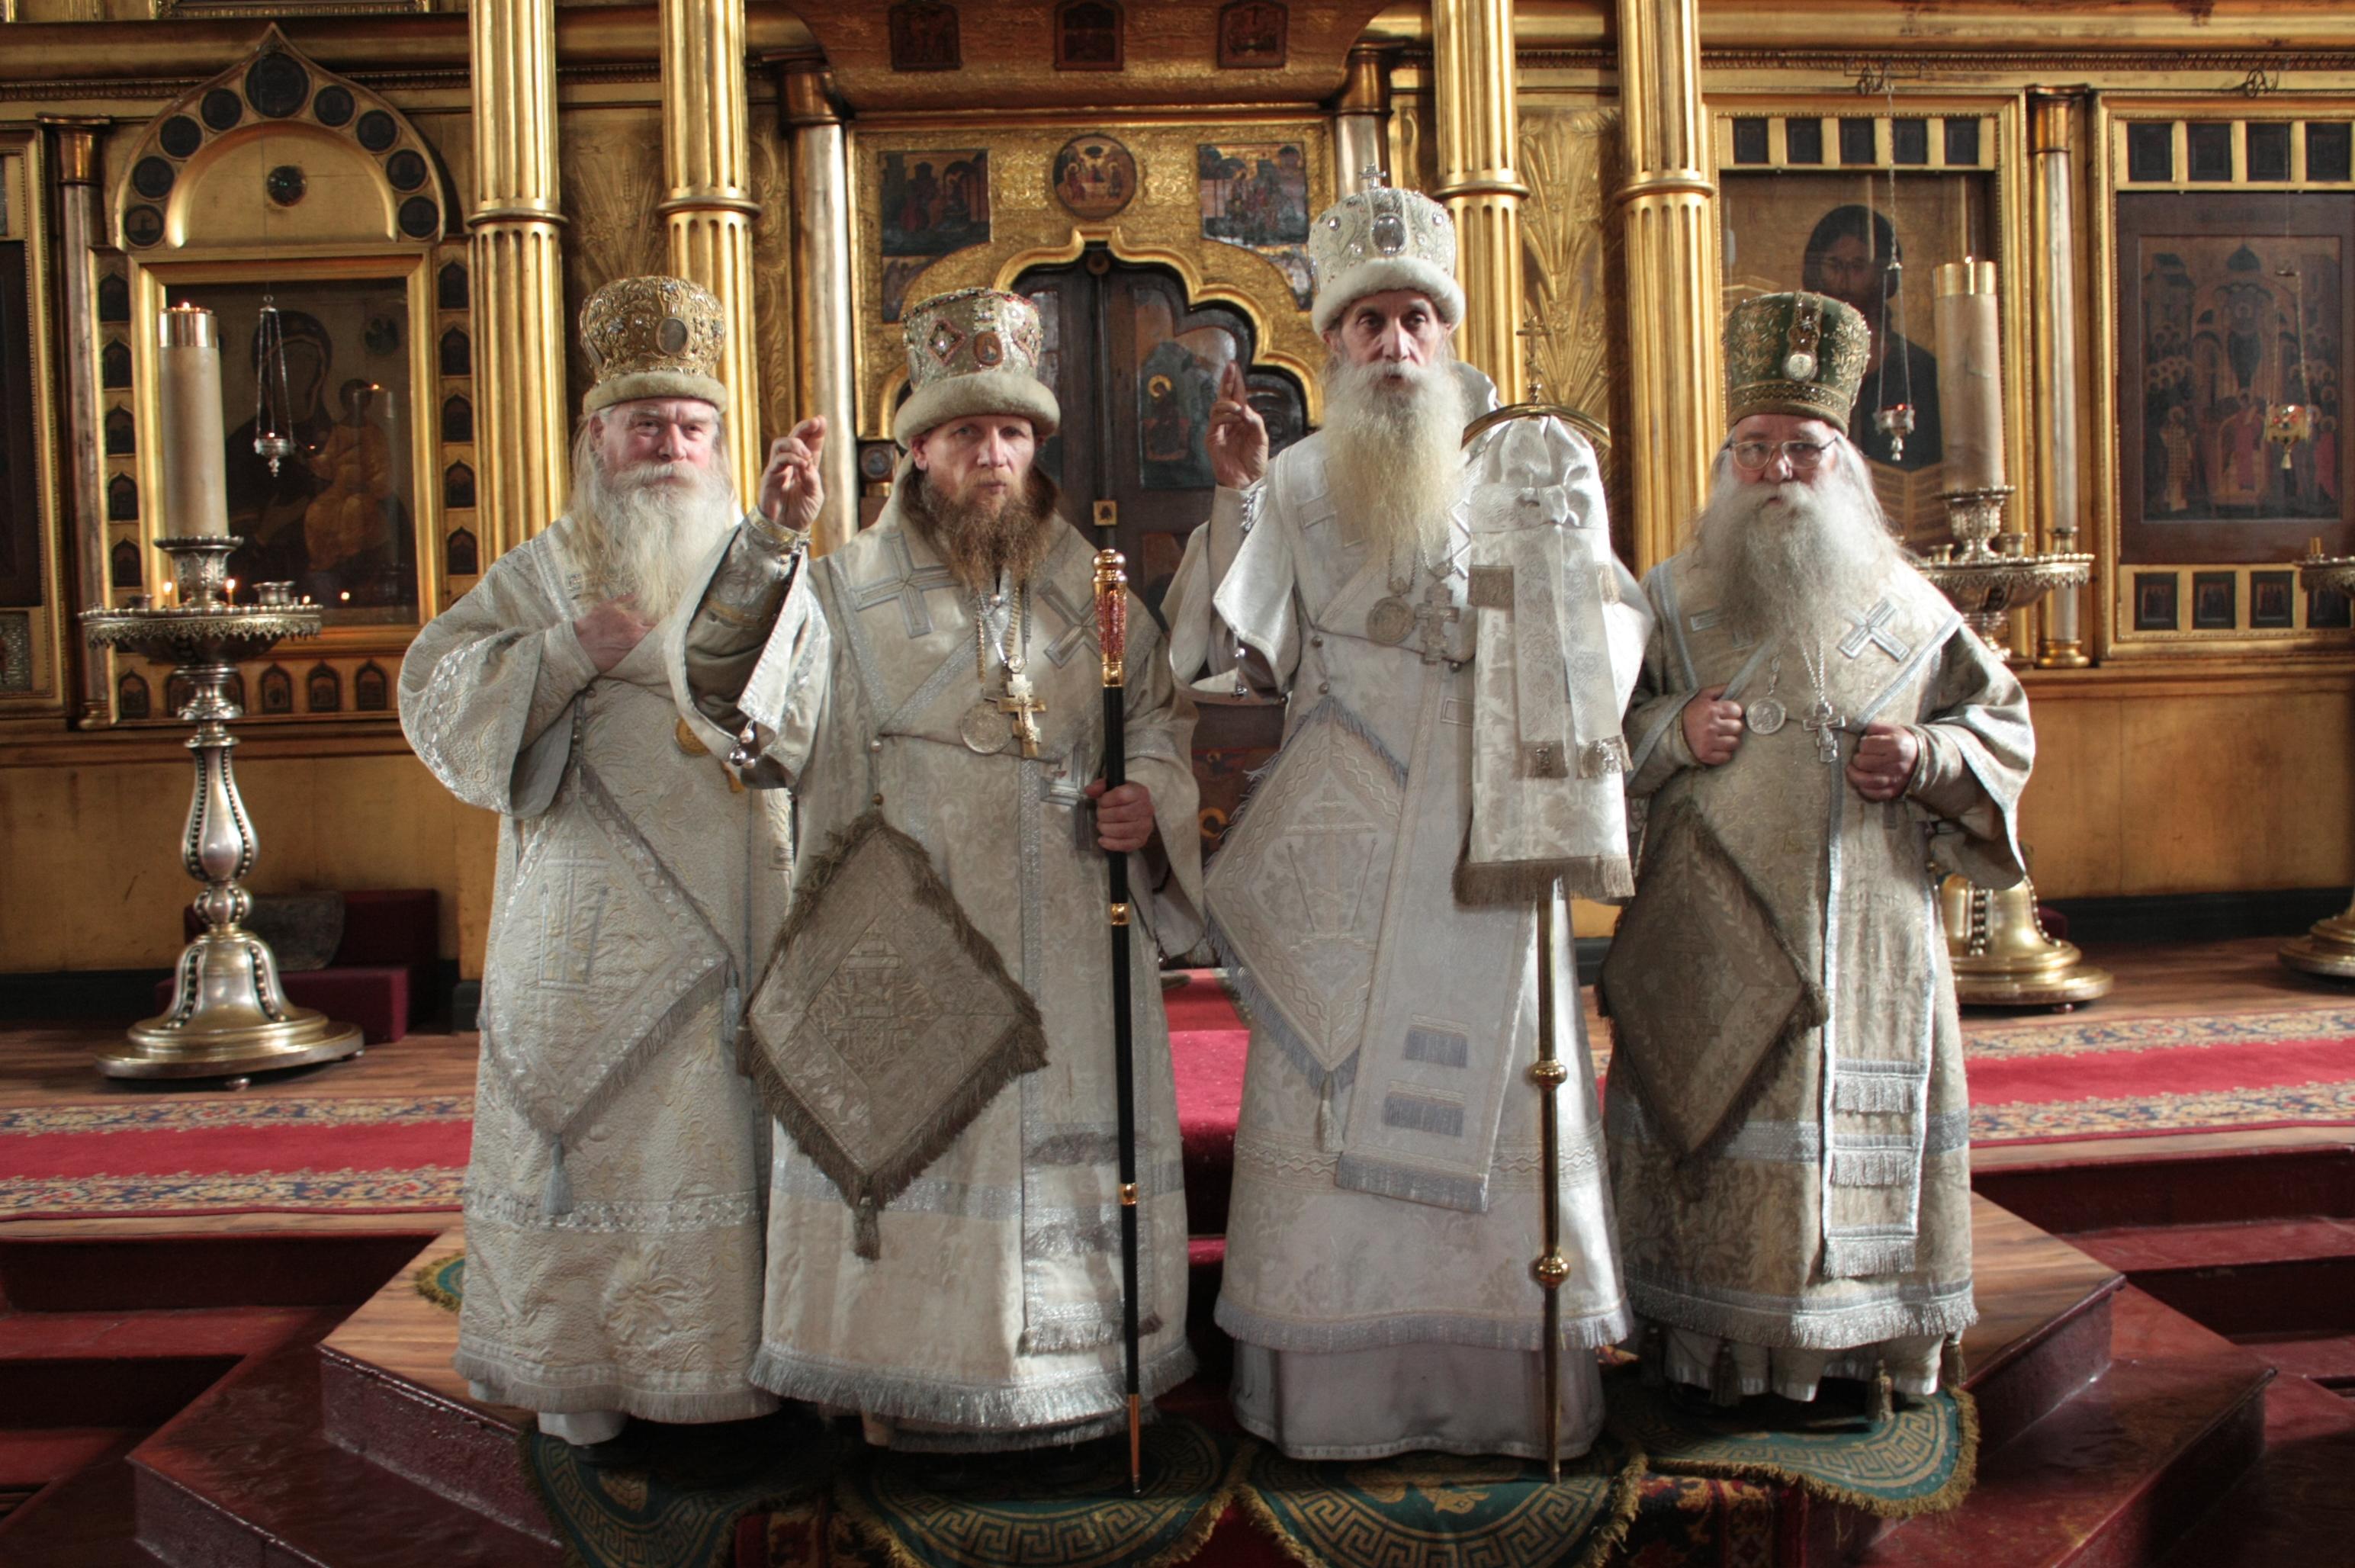 революции фото современные старообрядцы буржуйки логинова требует